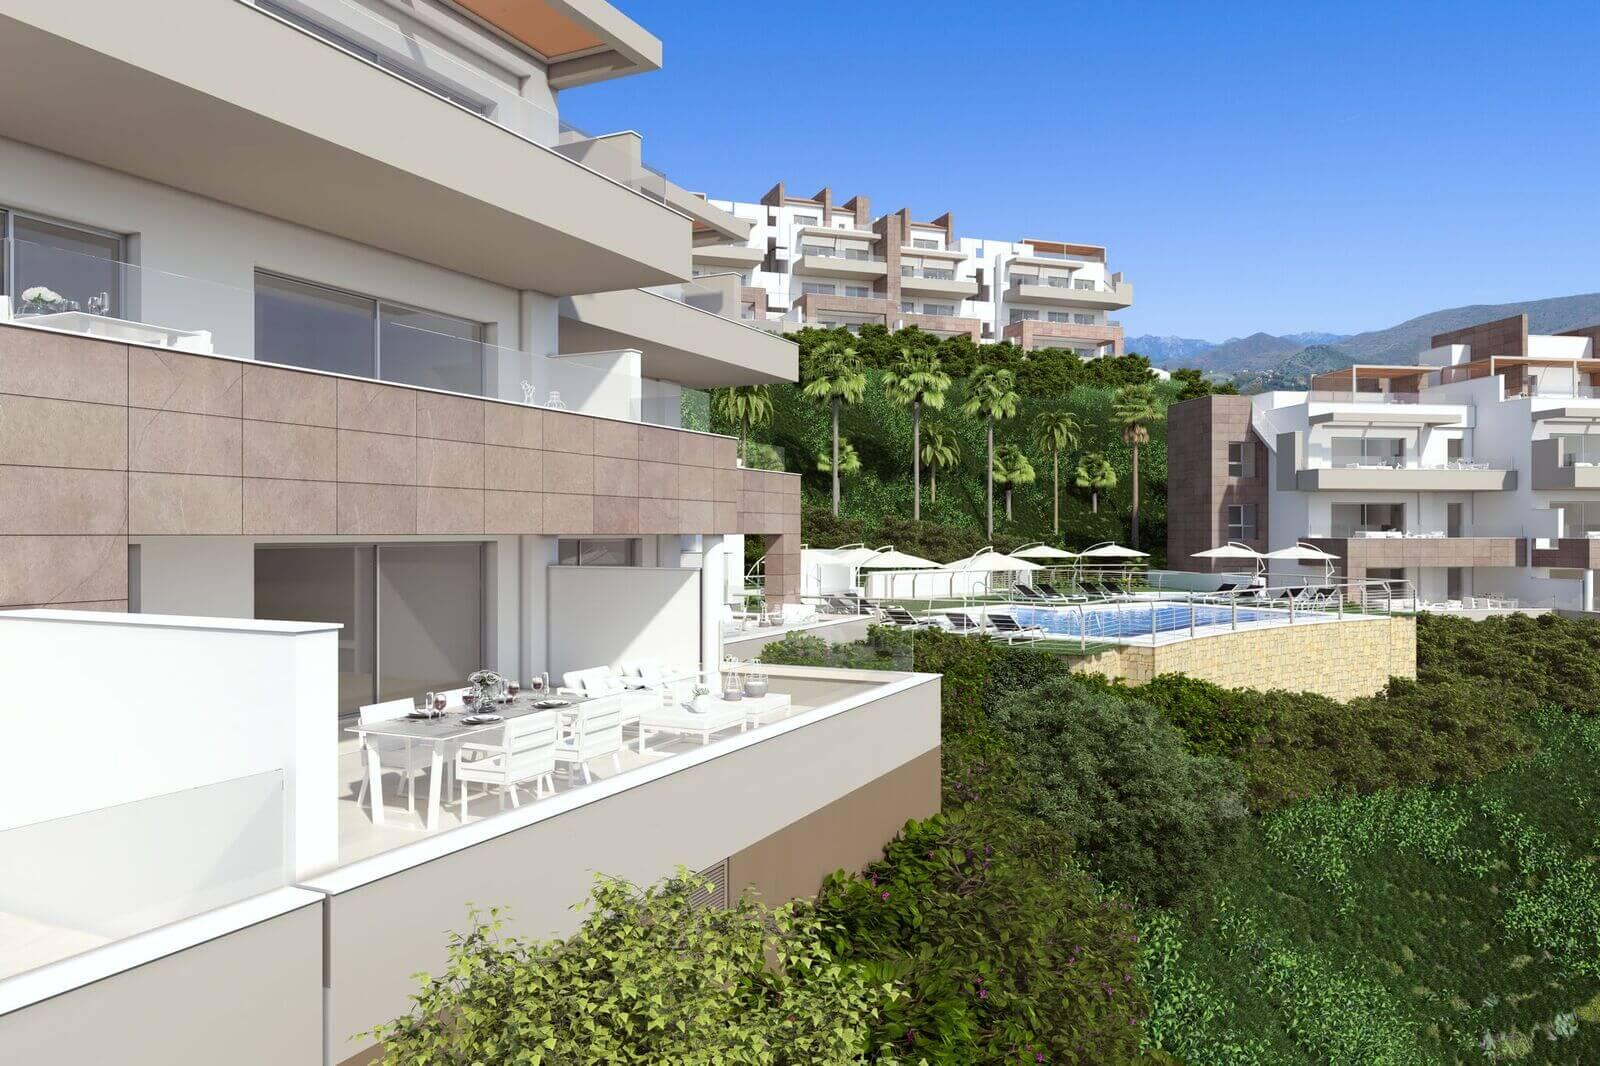 grand view la cala te koop modern appartement penthouse nieuwbouw zichten